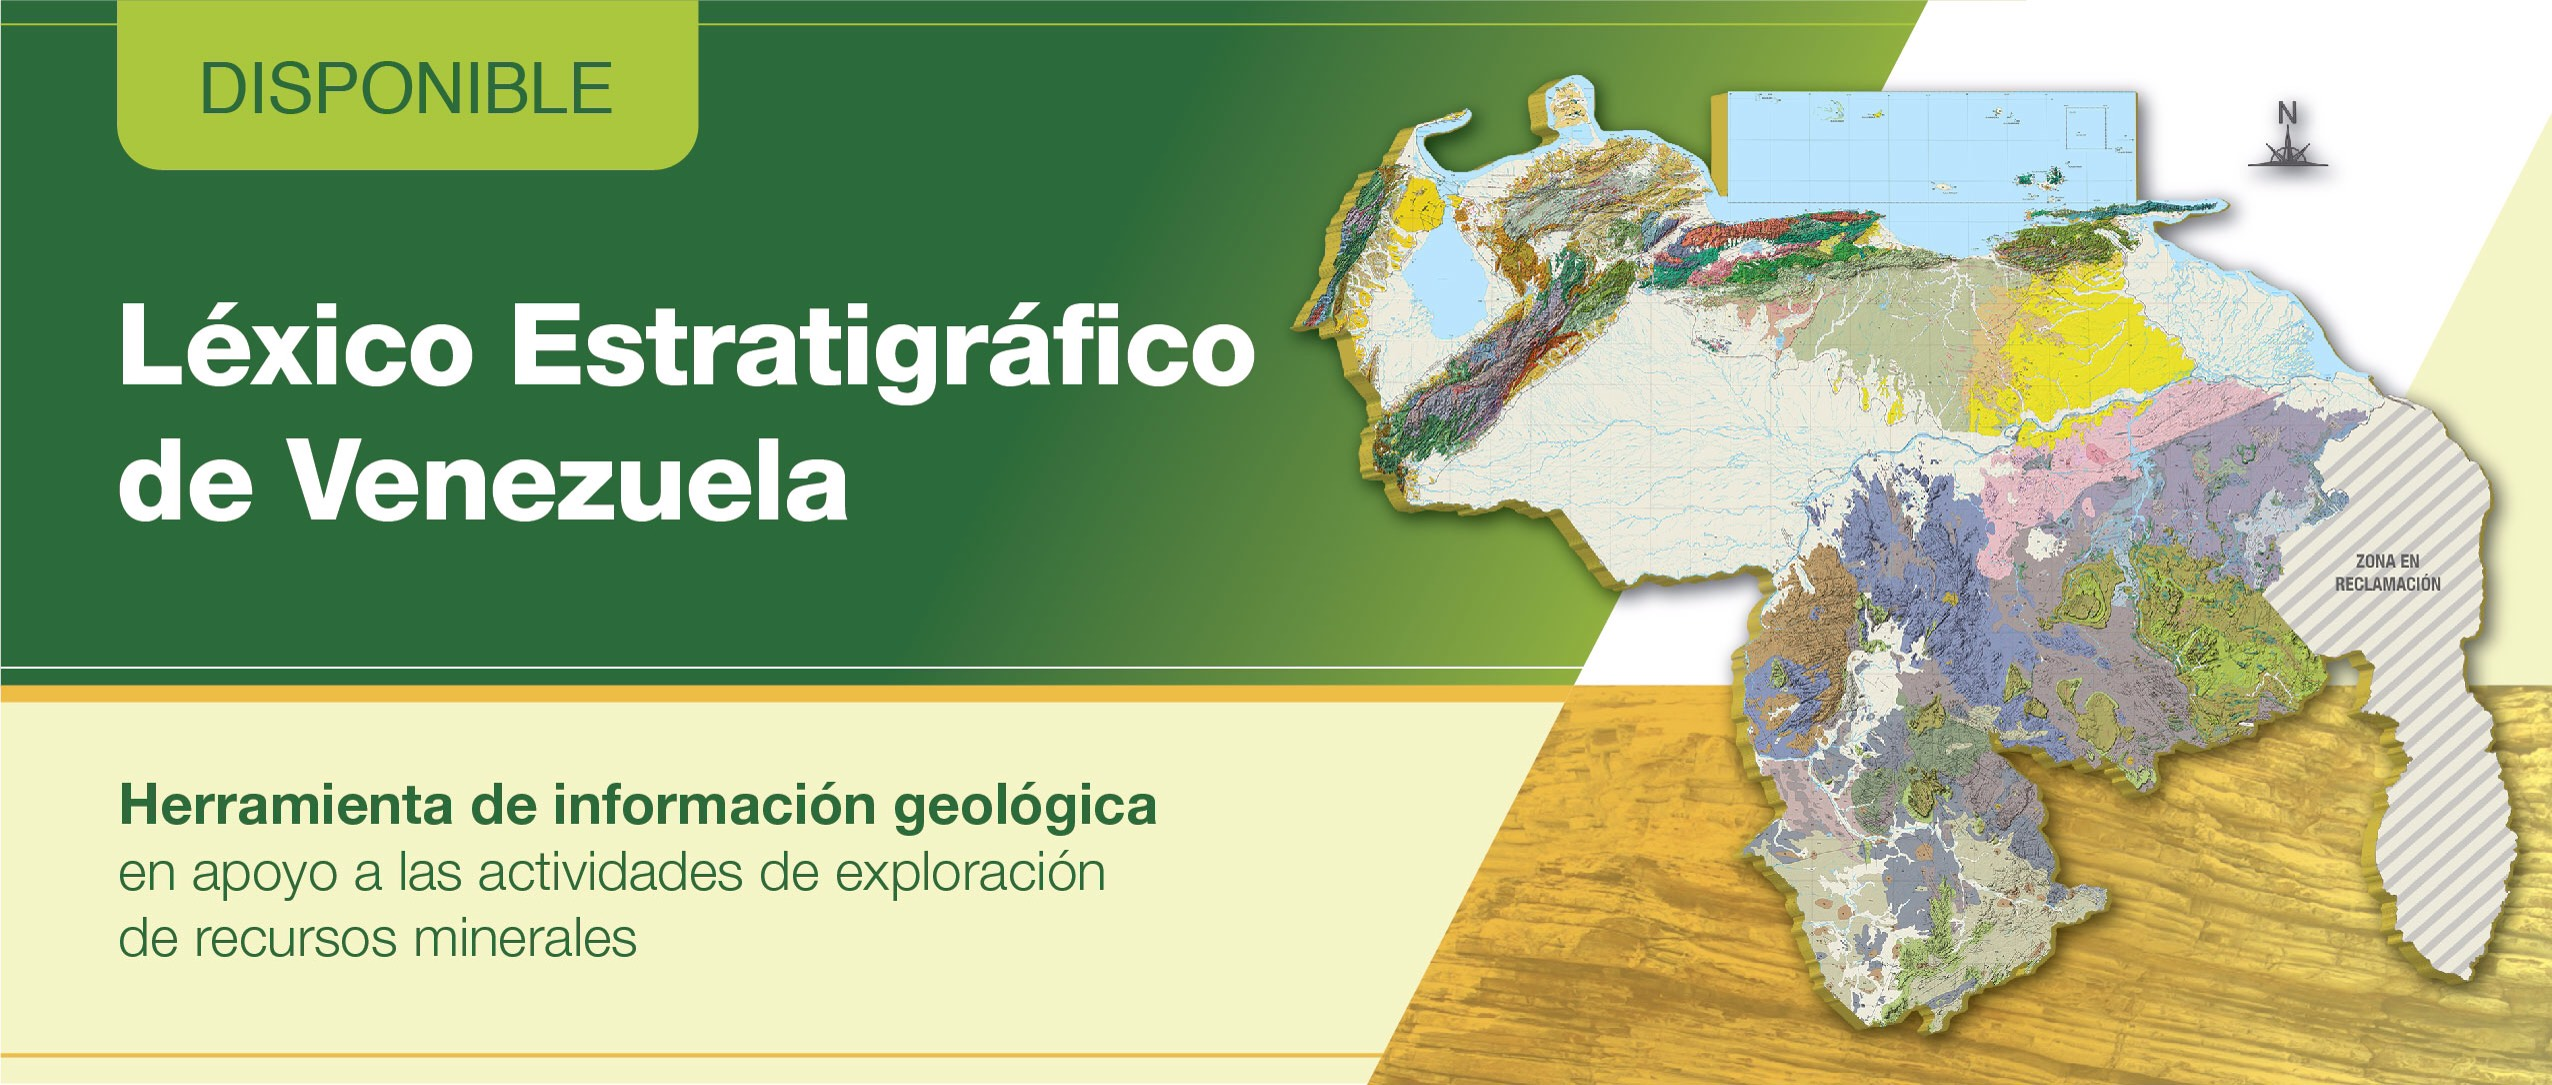 Léxico Estratigráfico de Venezuela